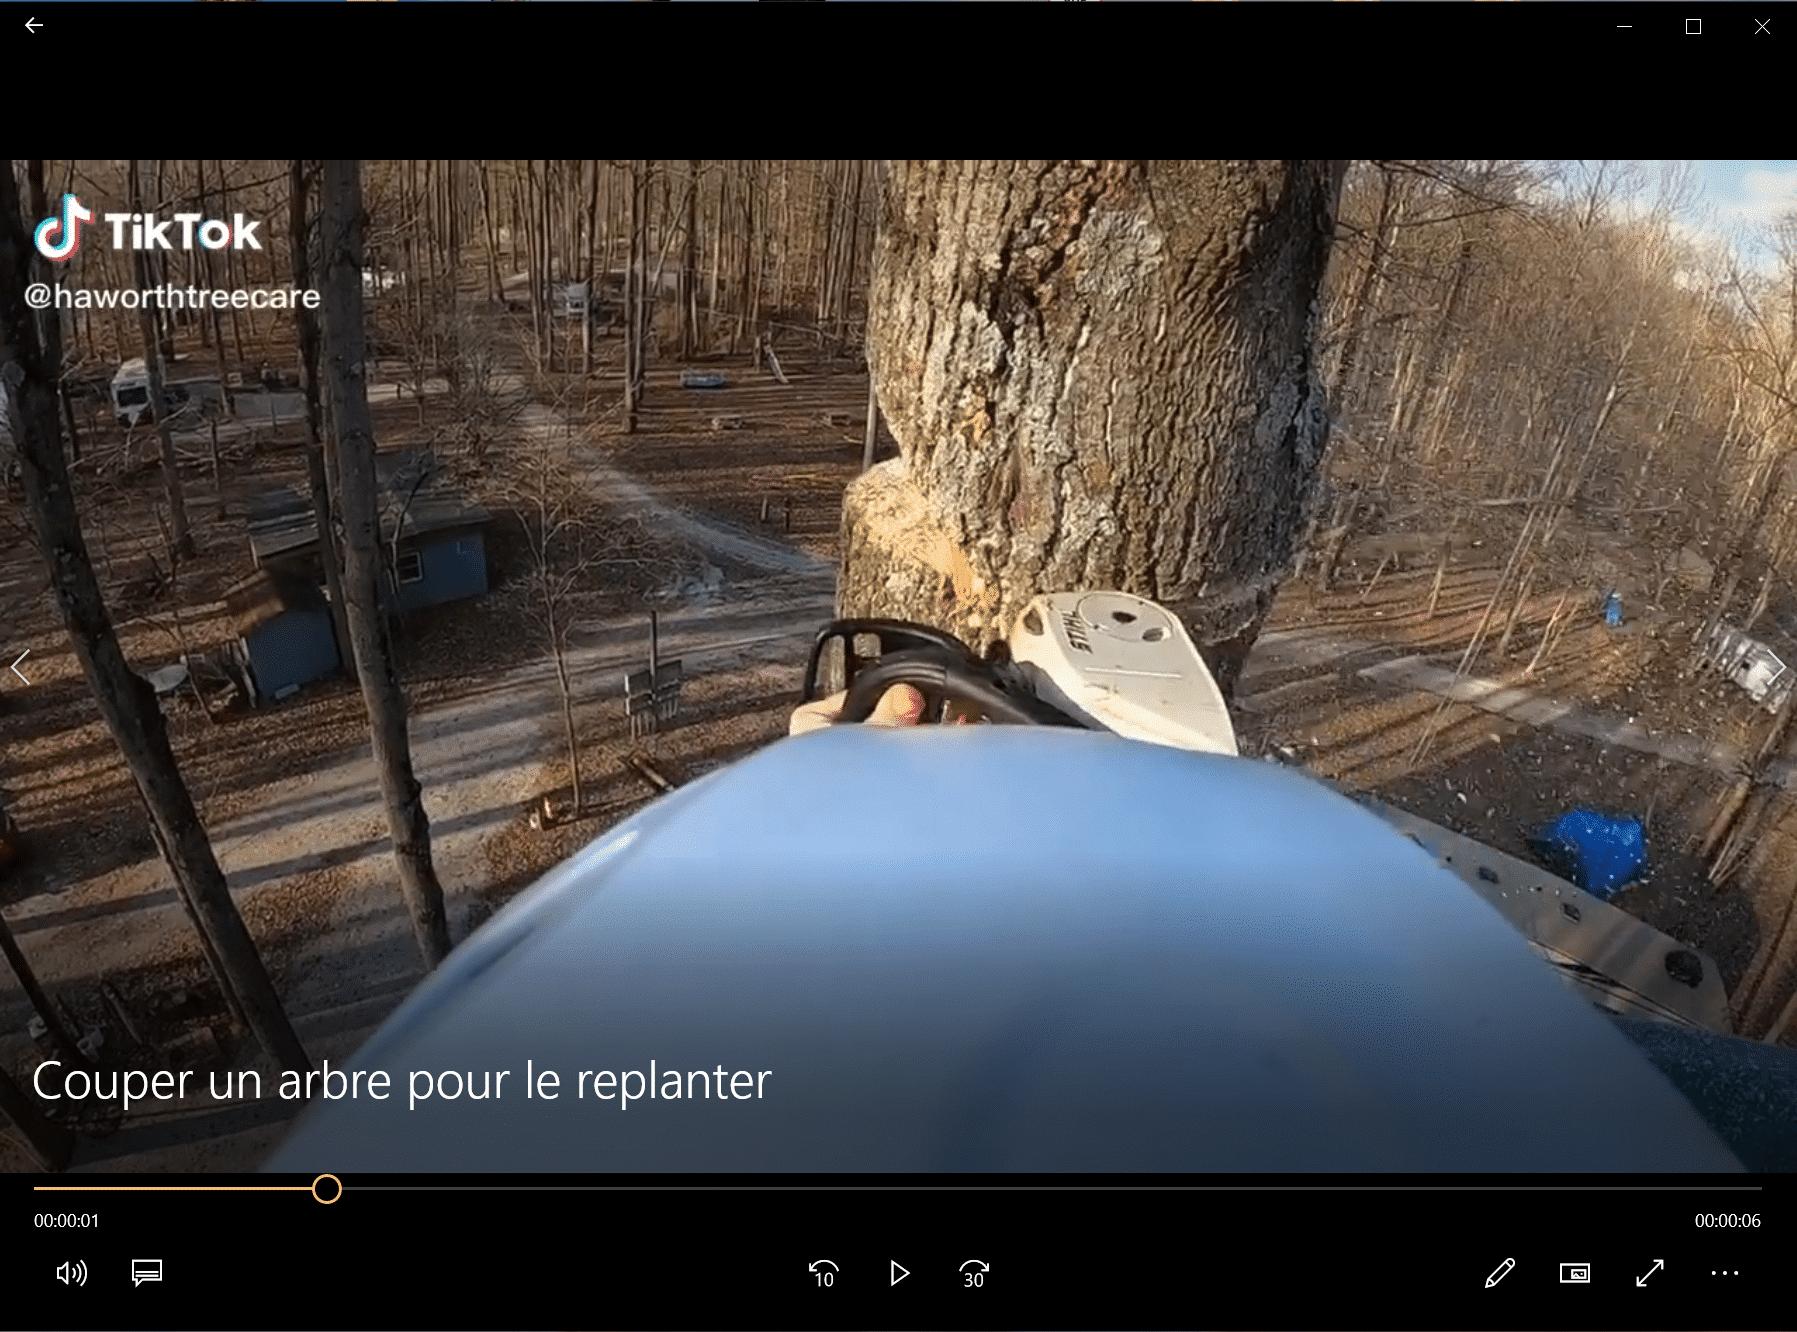 Couper un arbre pour le replanter